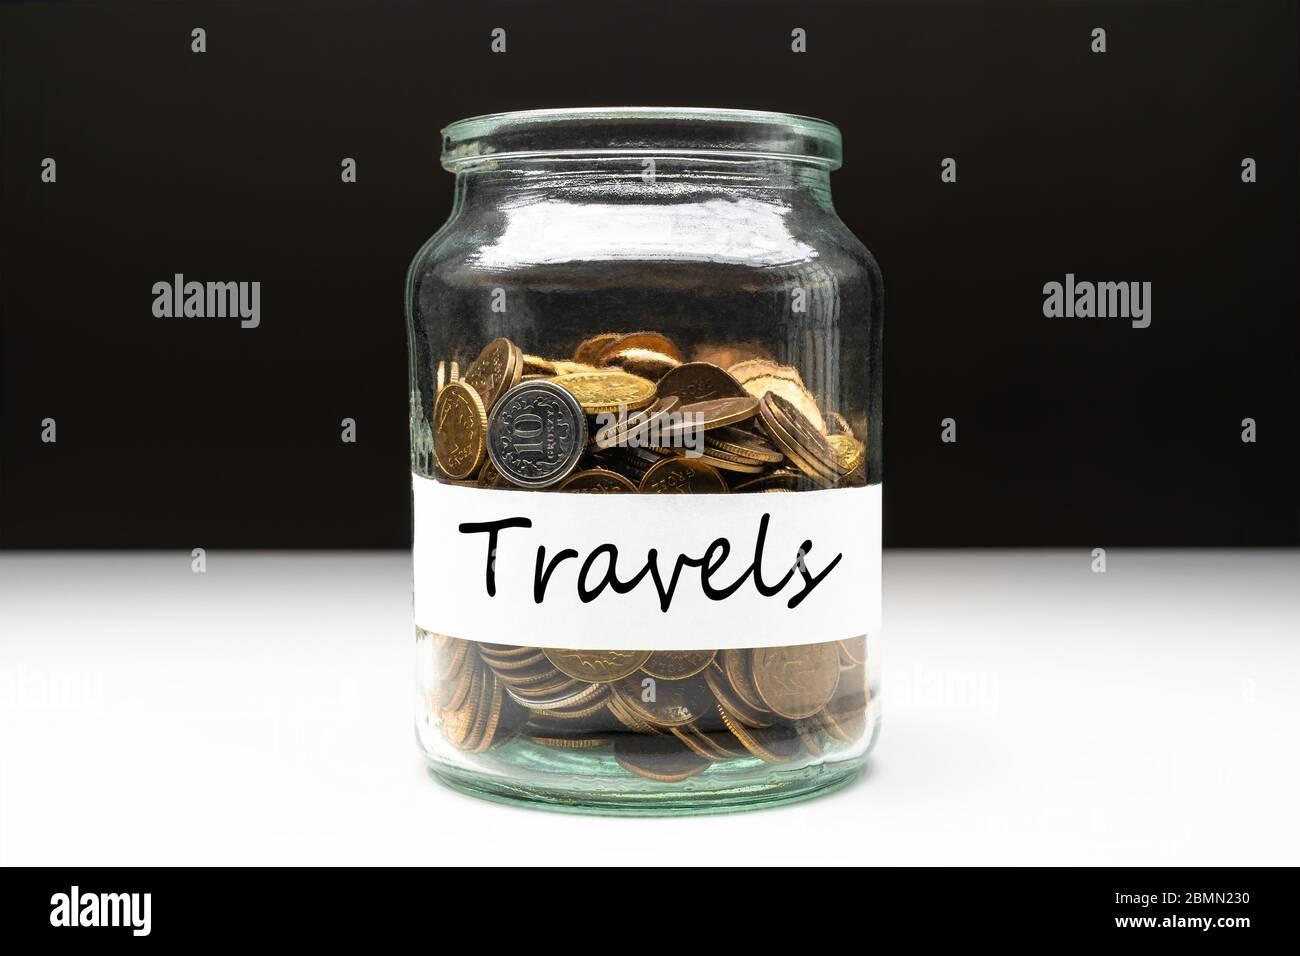 Münzen in einem Glas mit Reisetext auf einem weißen Etikett. Abstraktes Konzept für Einsparungen. Kopierbereich. Stockfoto